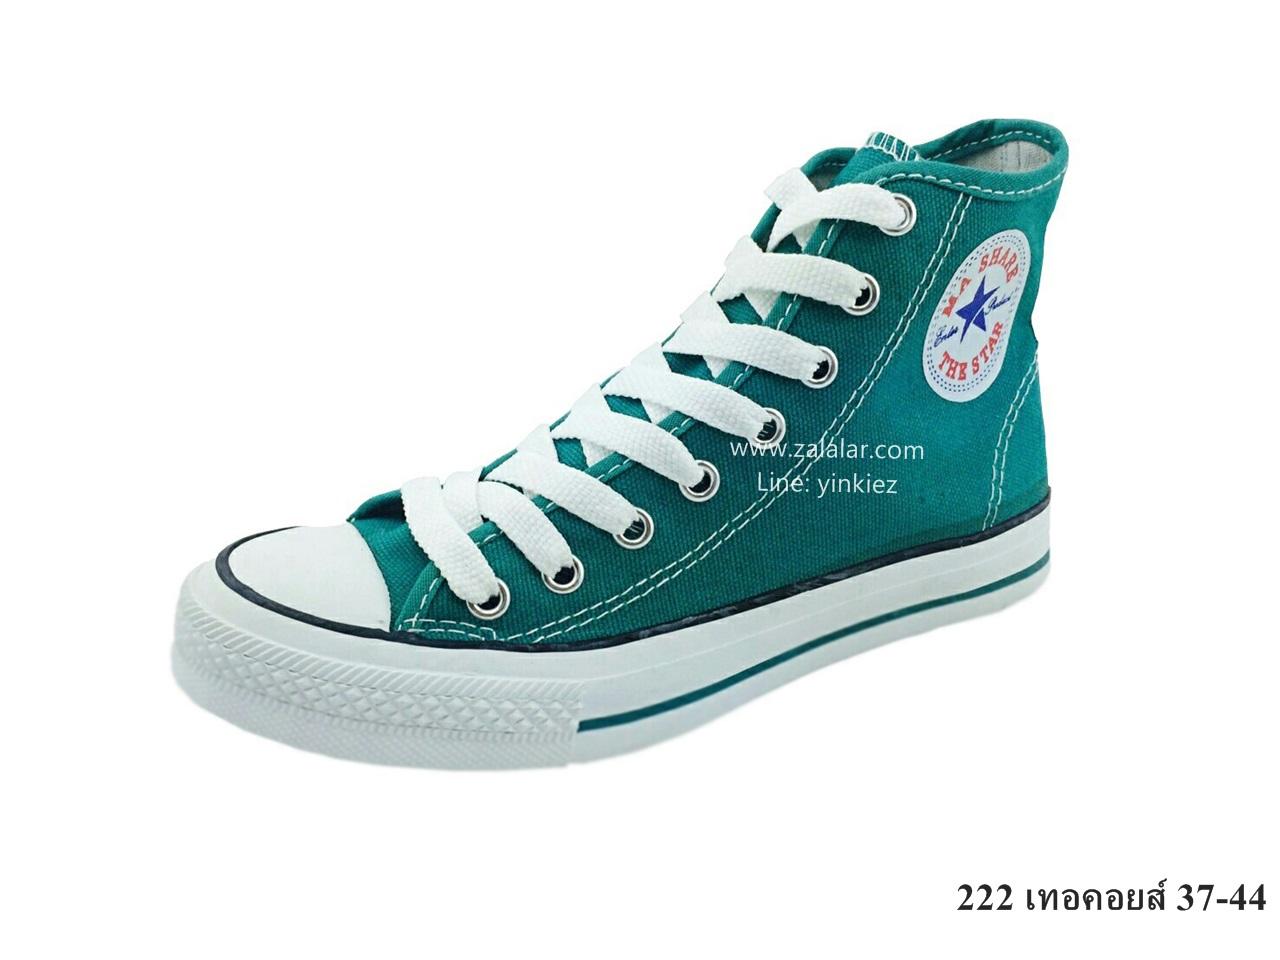 [พร้อมส่ง] รองเท้าผ้าใบแฟชั่น รุ่น 222 สีเทอคอยส์ ทรงหุ้มข้อ